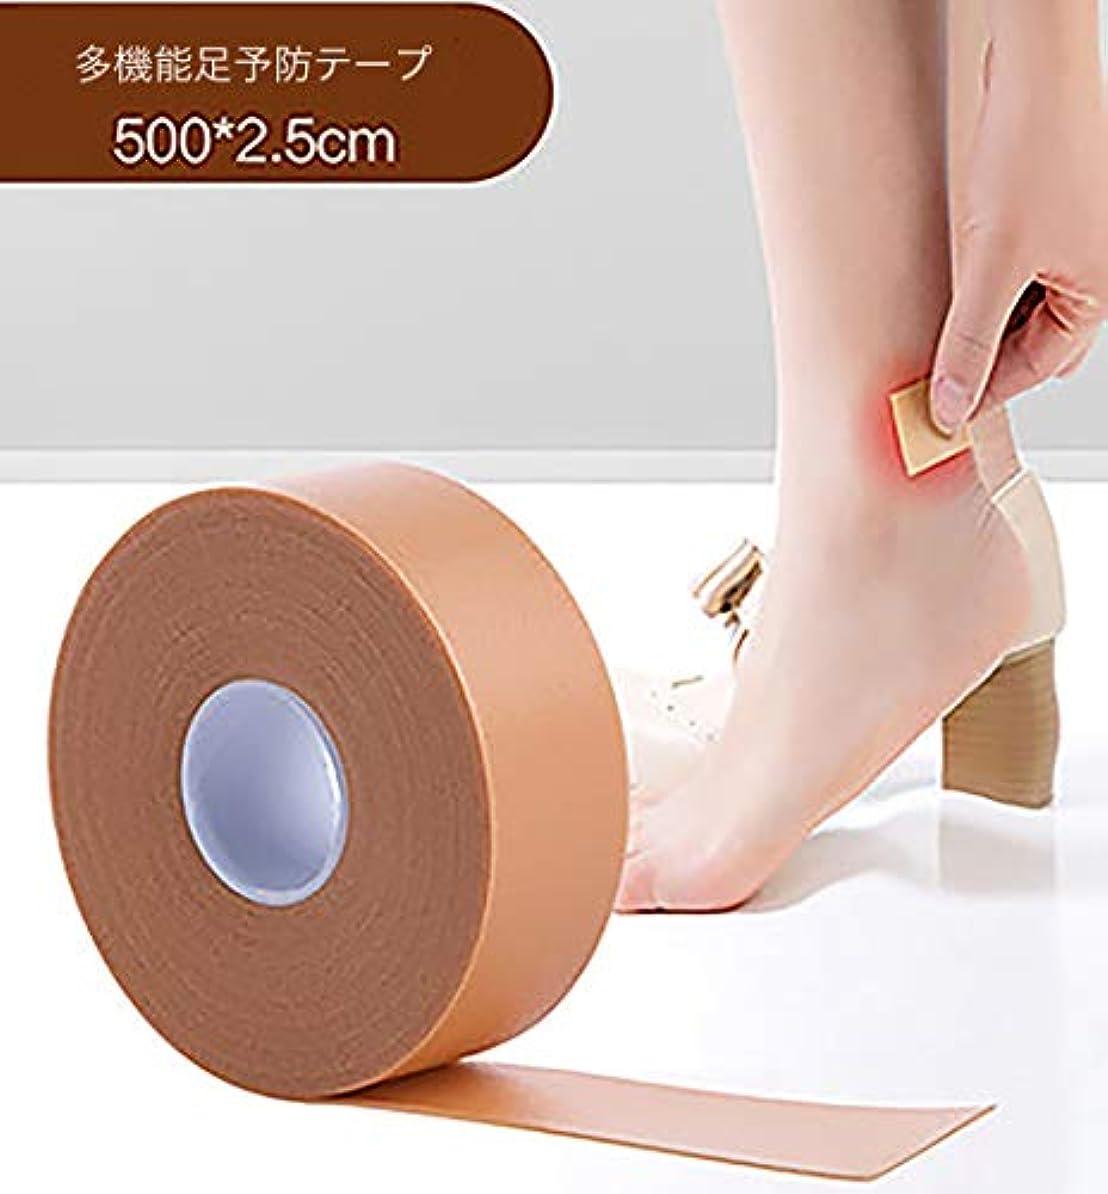 大工特異性ブロンズ靴擦れ くつずれ防止 靴擦れケアテープ かかと パッド フットヒールステッカーテープ 防水素材 粘着 かかと パッド テープ 足痛み軽減 耐摩耗 痛み緩和 伸縮性抜群 男女兼用 (1個セット)